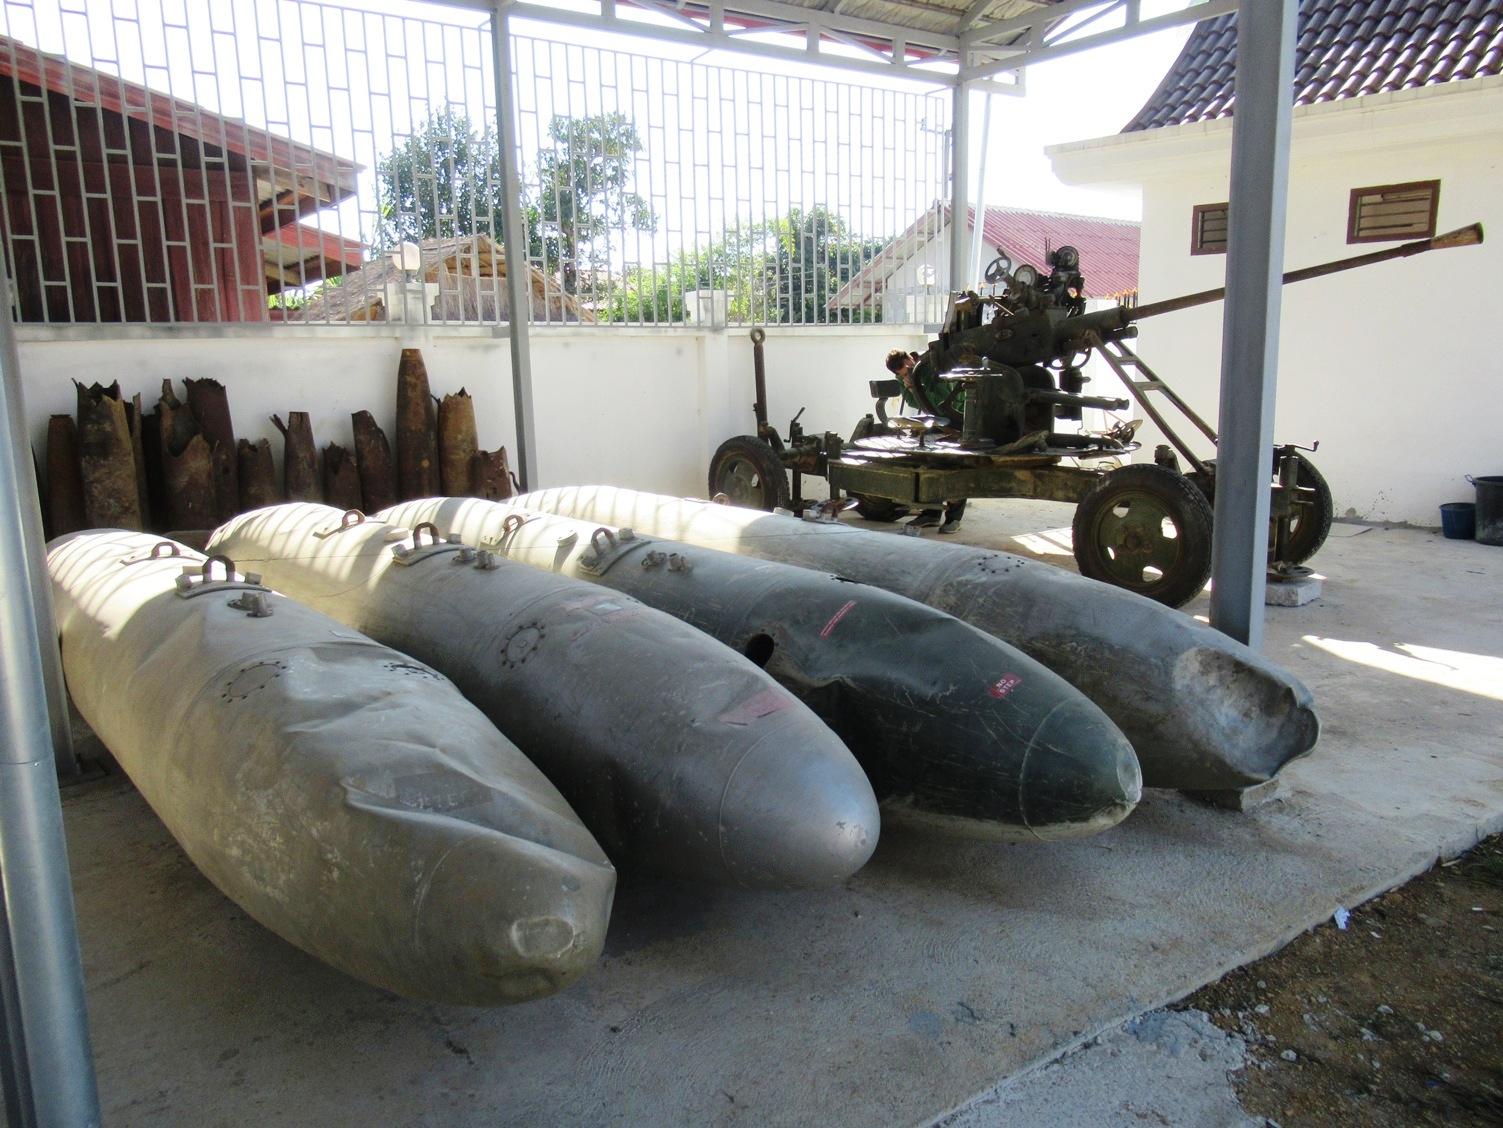 2019-12-laos-luang-phonsavan-xieng-khouang-centro-interpretacion-bombas-8